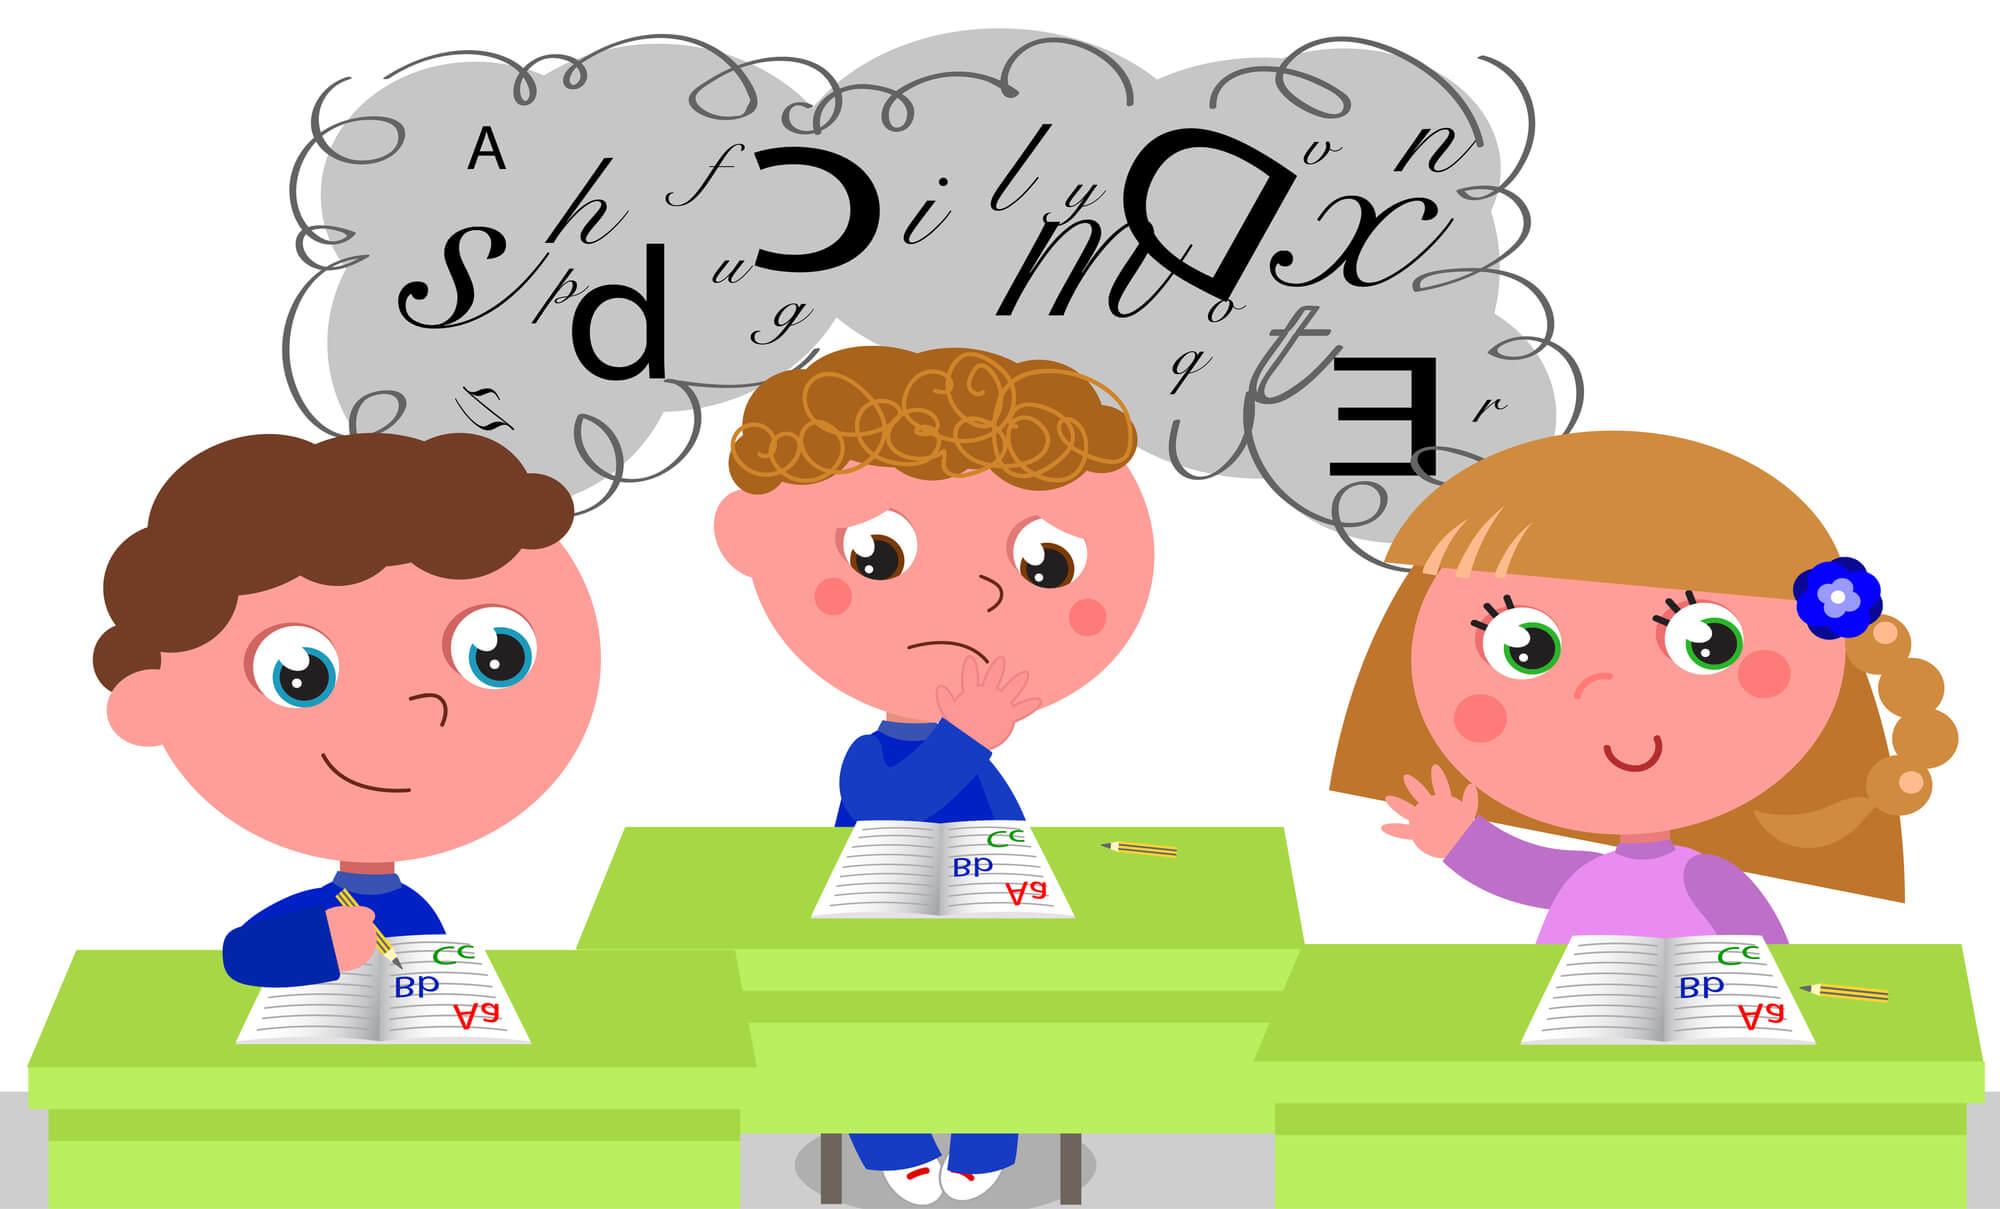 ללמוד אנגלית מתסכל את הילדים? יש פיתרון